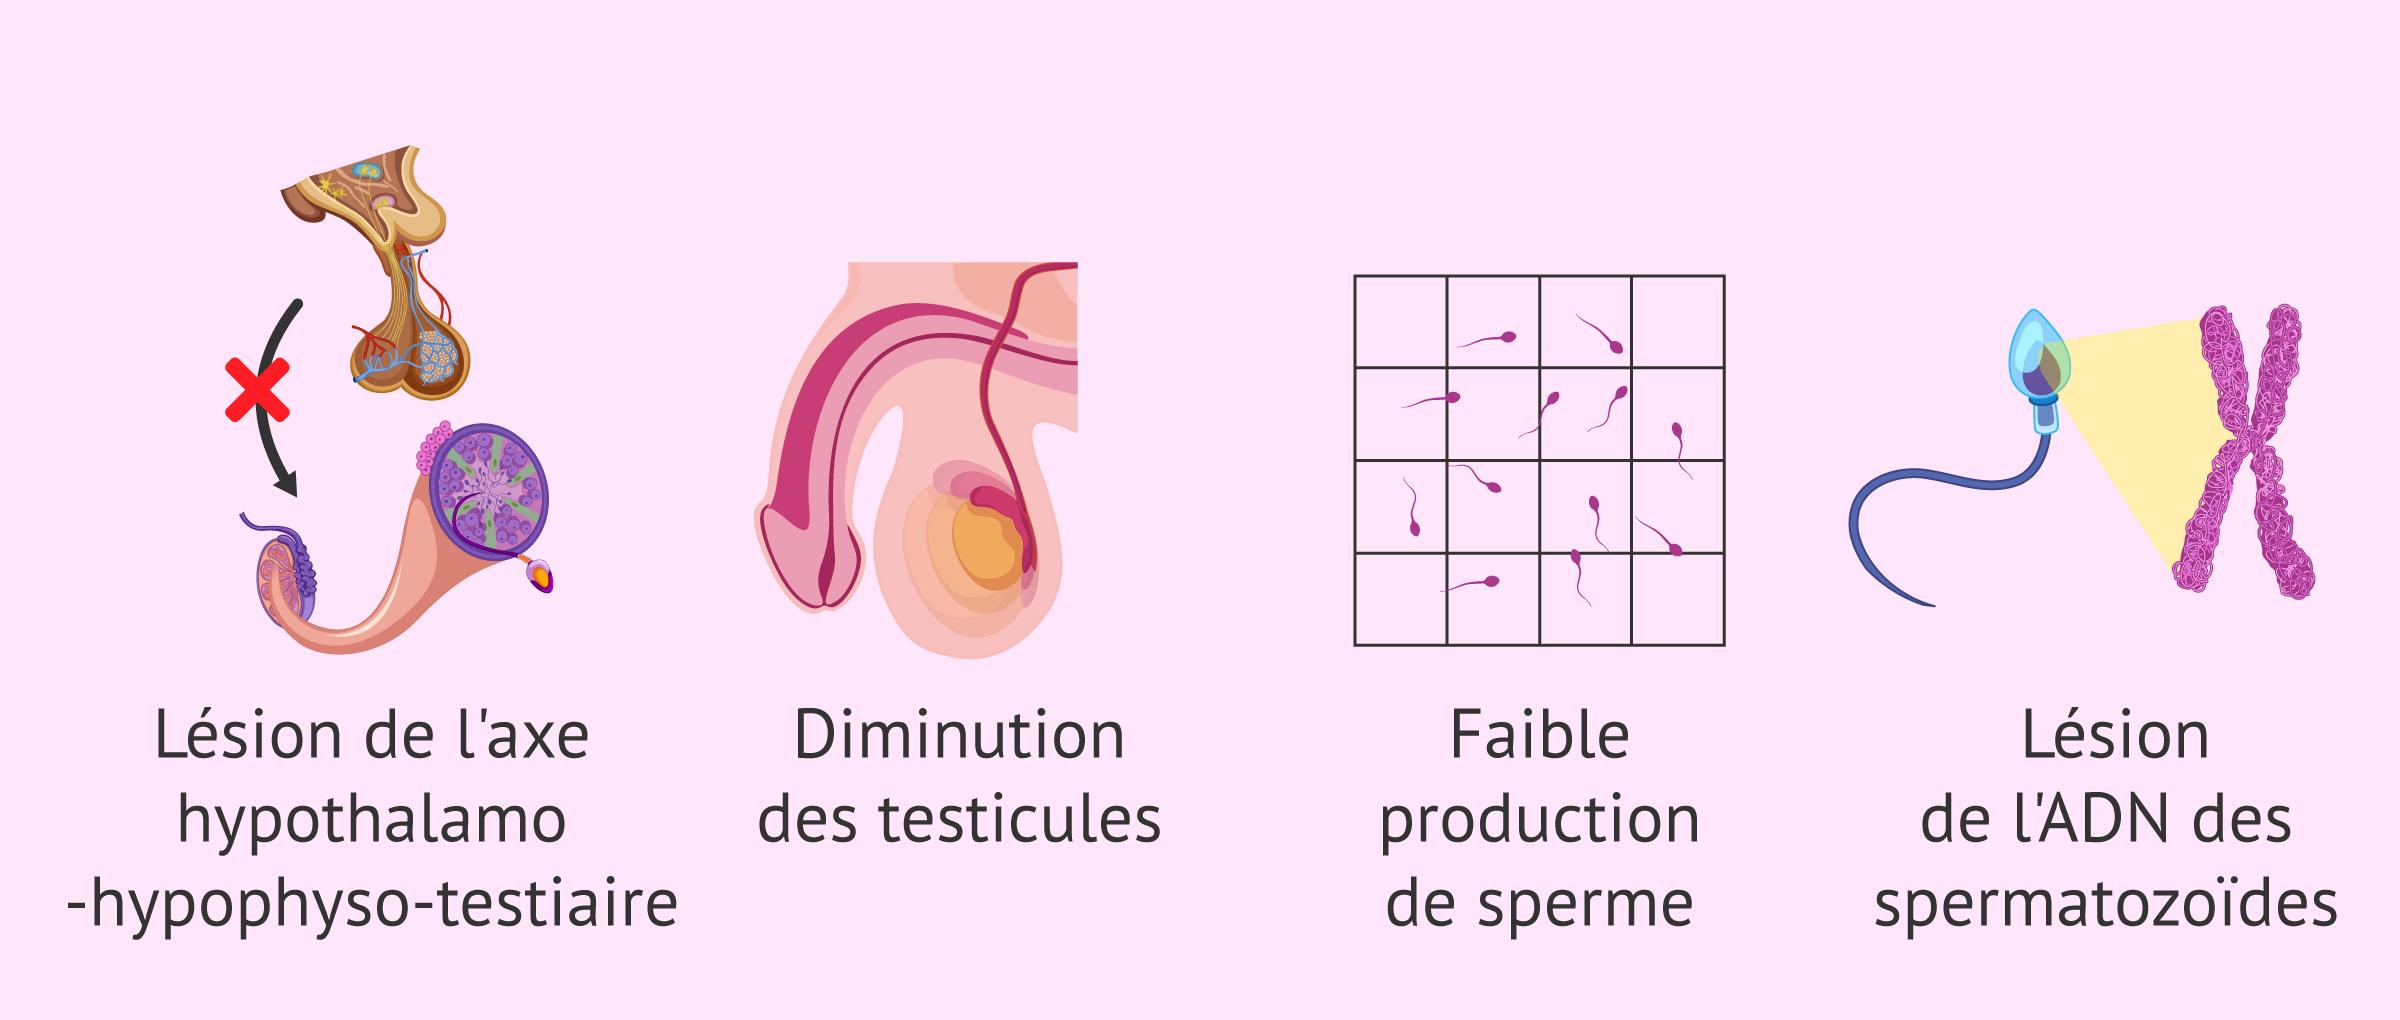 Conséquences de la varicocèle sur la fertilité